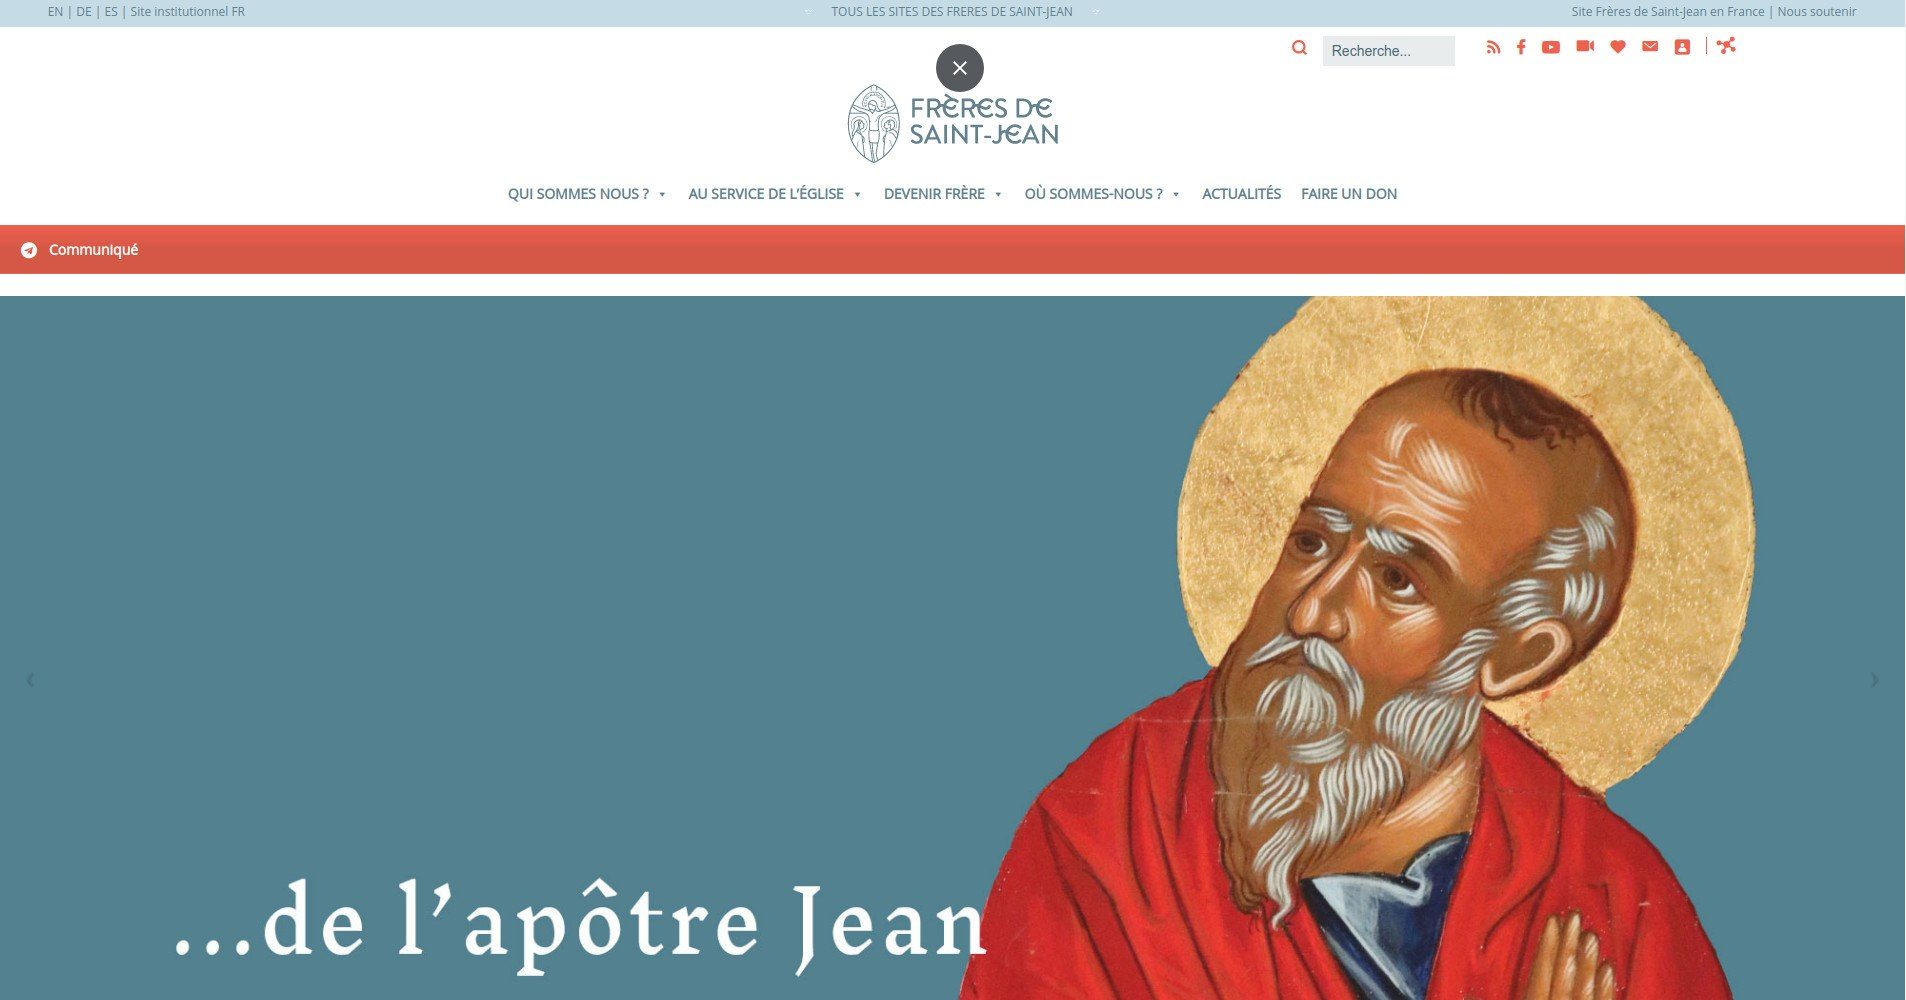 Frères de St Jean - Site Internet